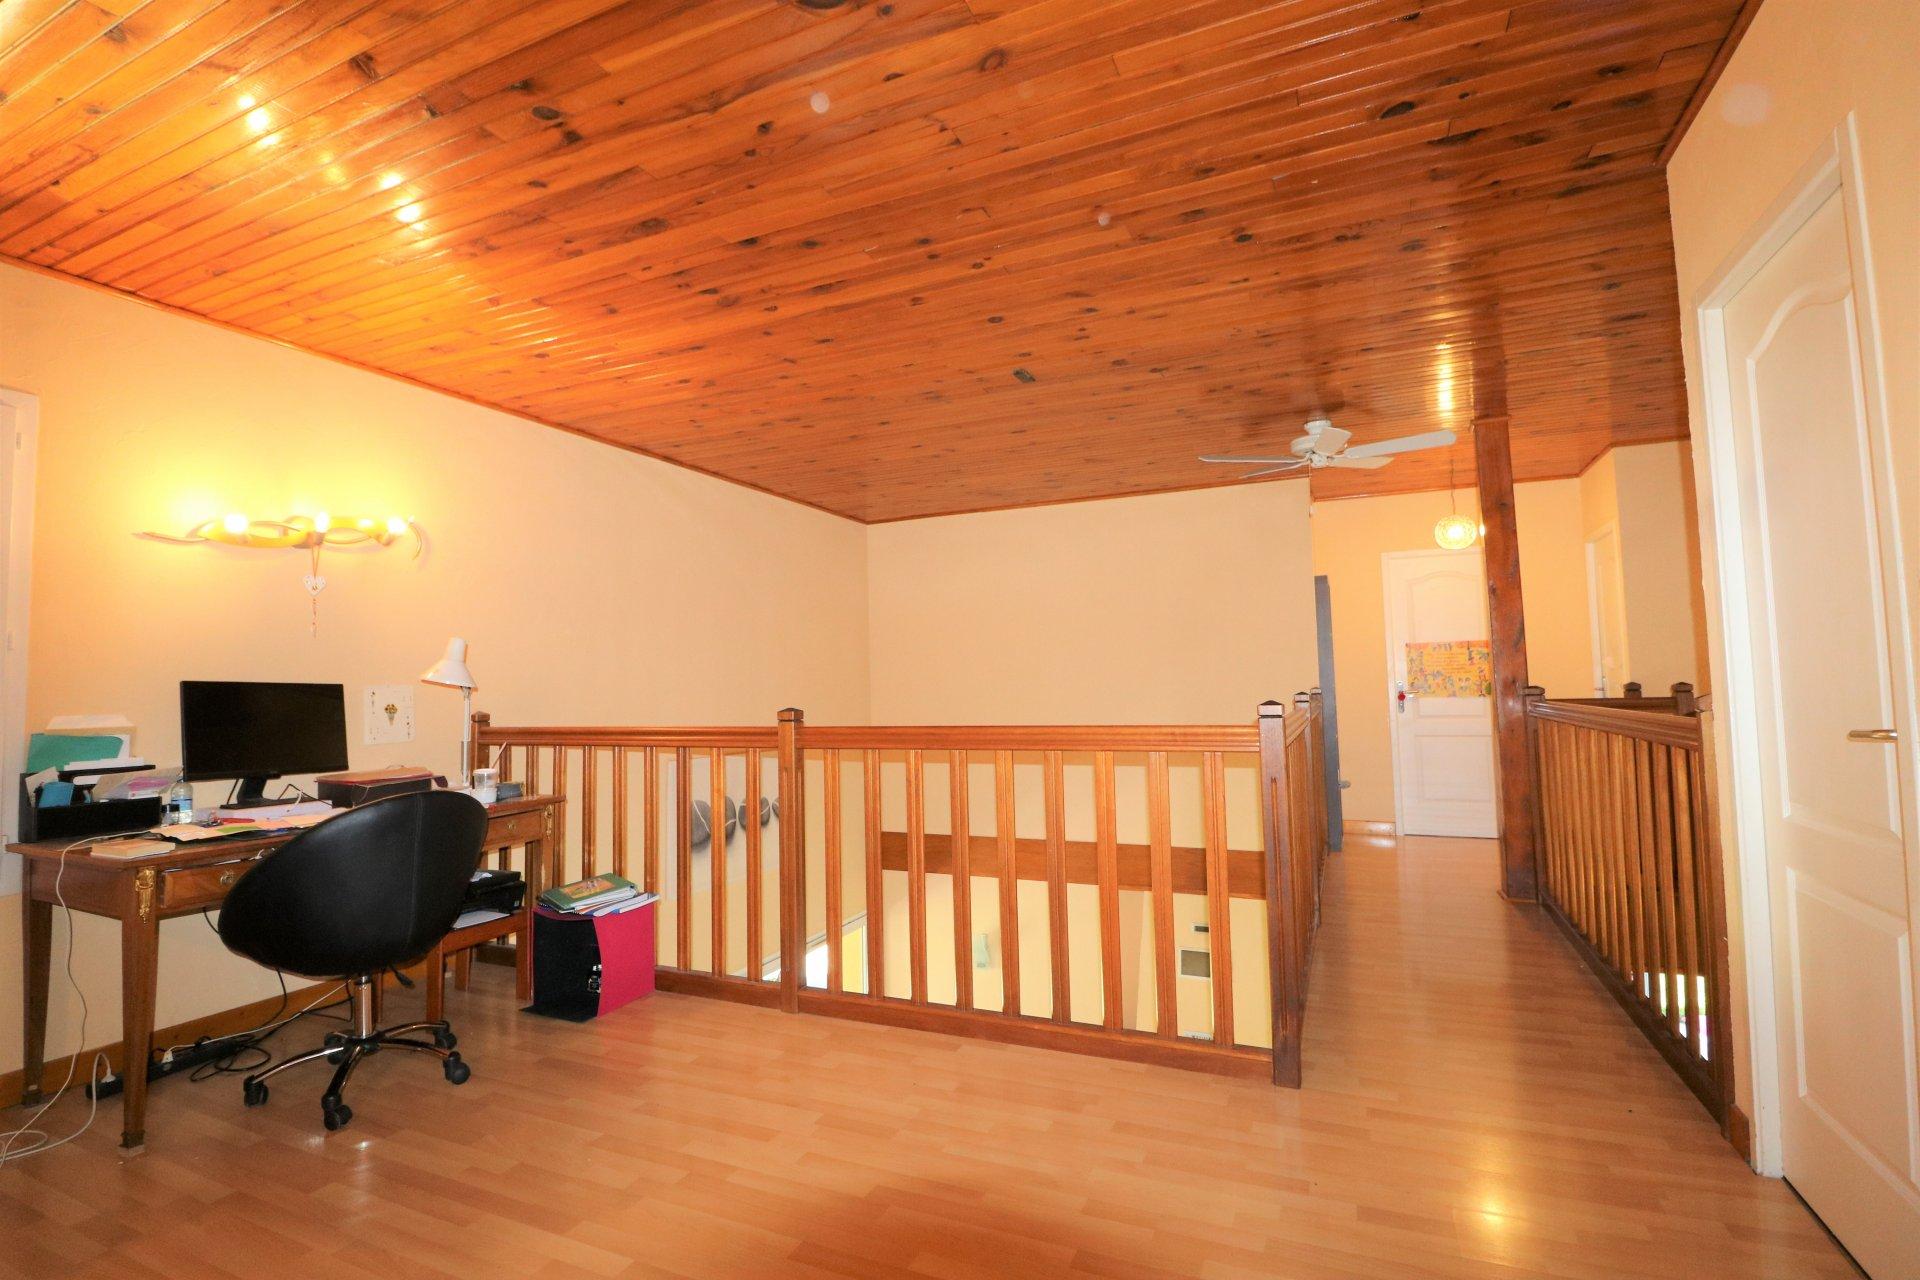 Maison atypique 220 m² hab./6 chambres/1800m² de terrain